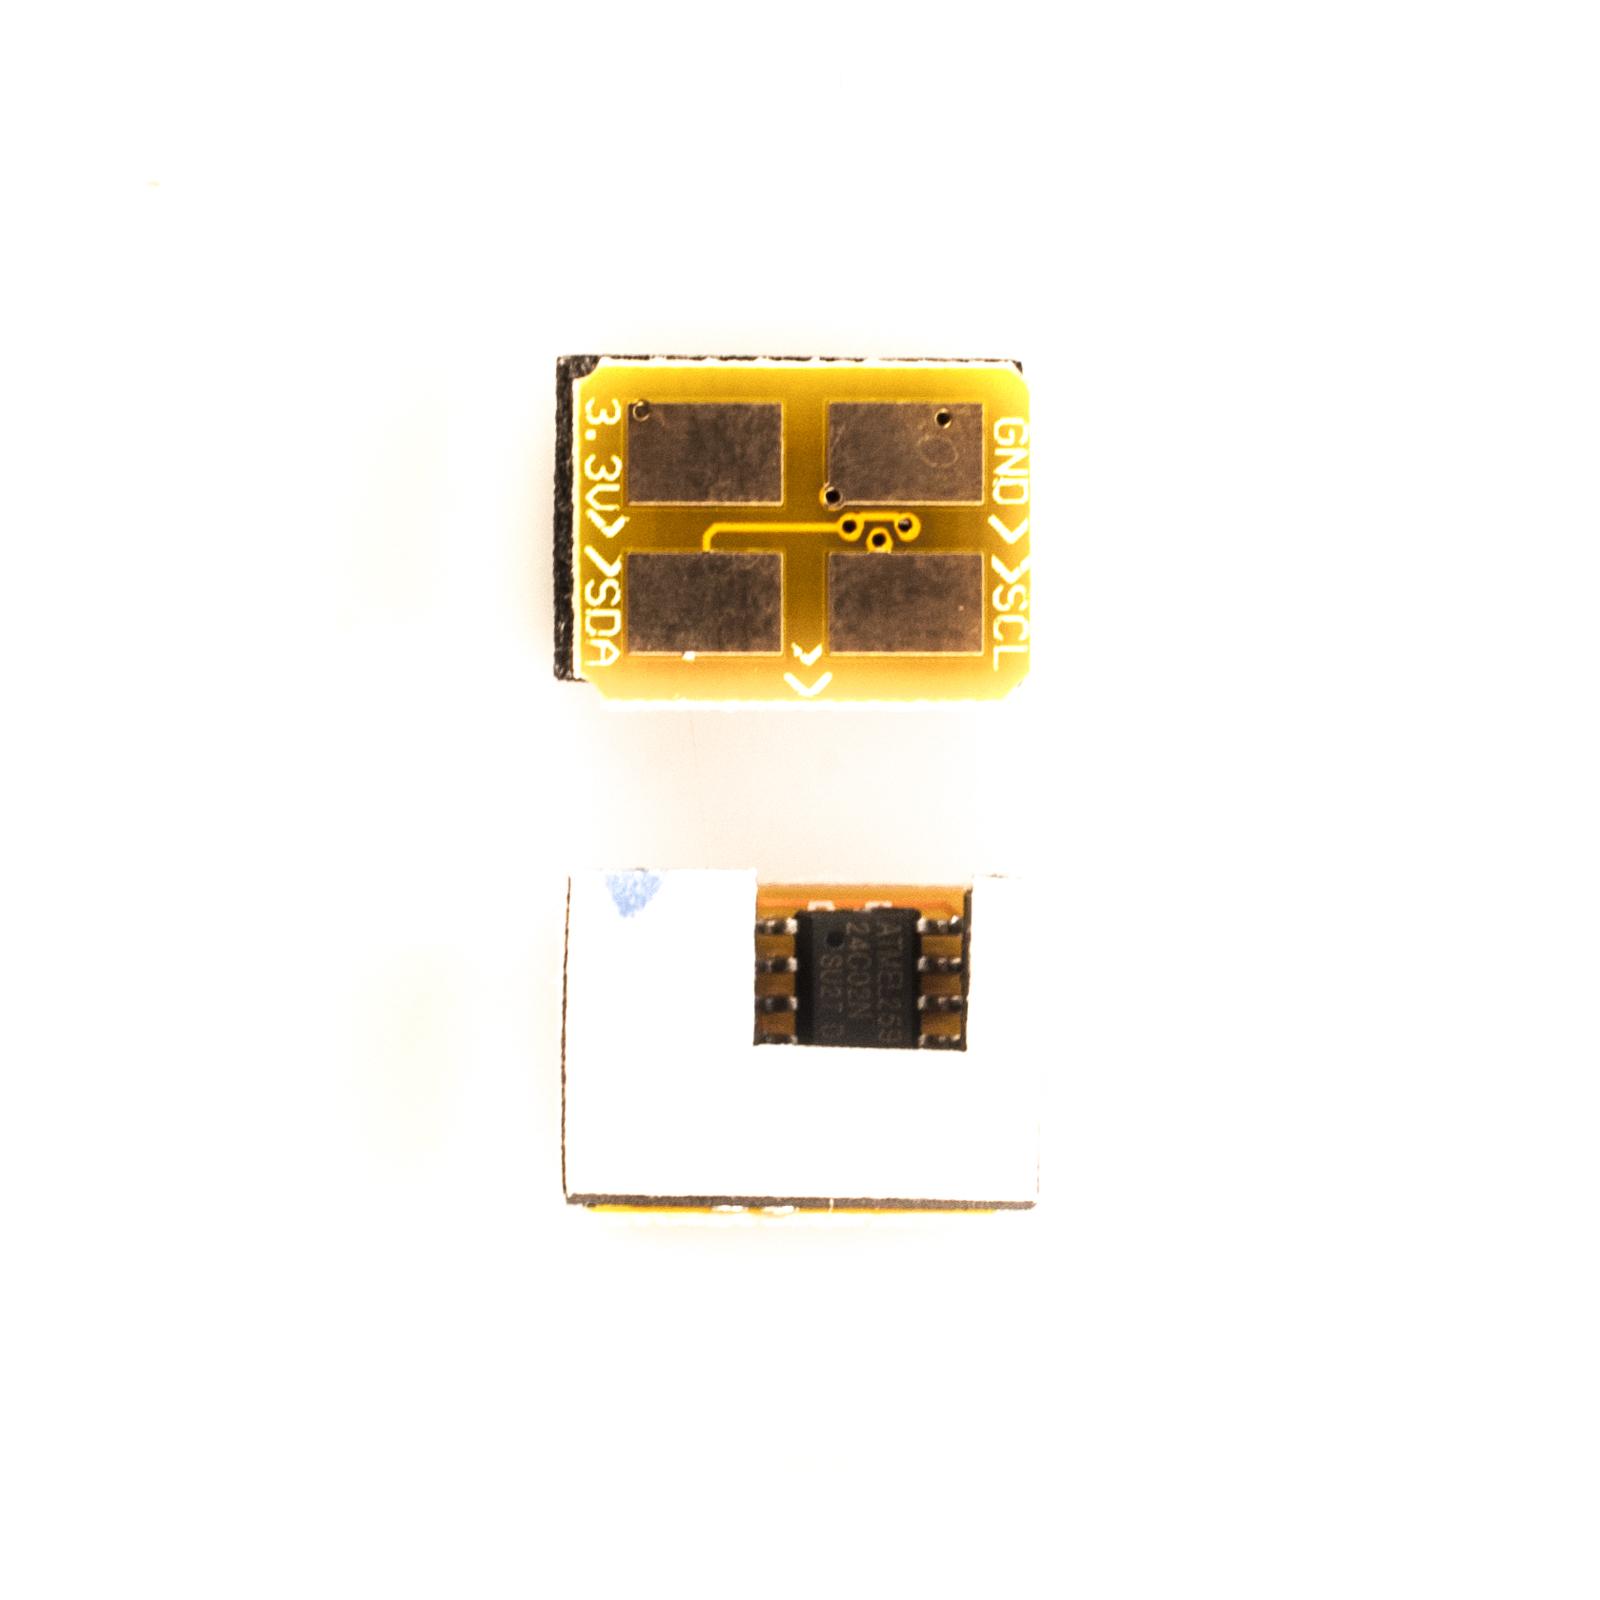 Чип для картриджа SAMSUNG CLP-300 1K YELLOW Everprint (ALS-Y300-1K)